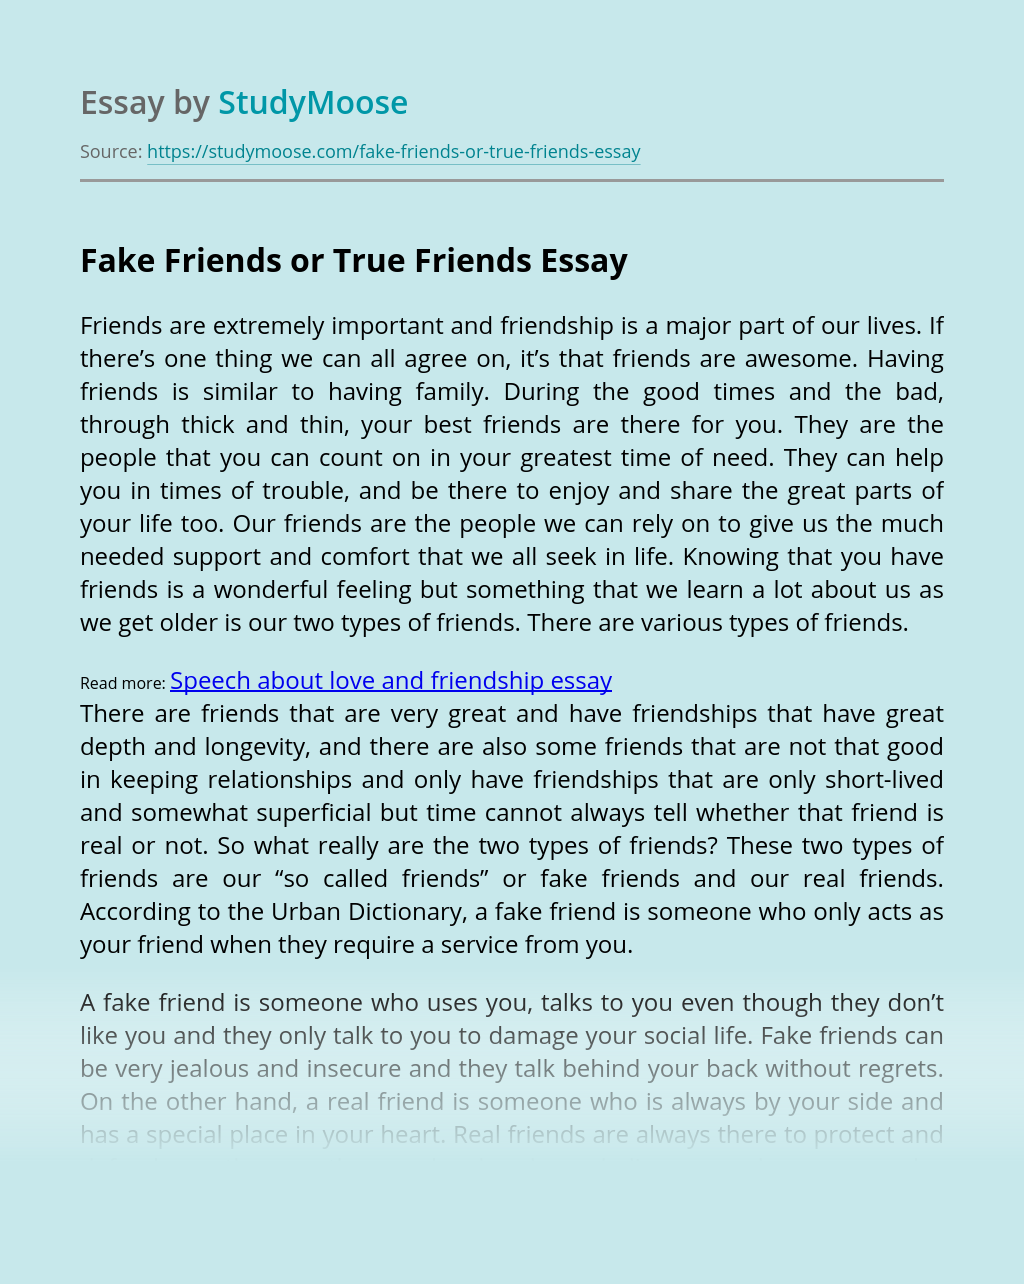 Fake Friends or True Friends